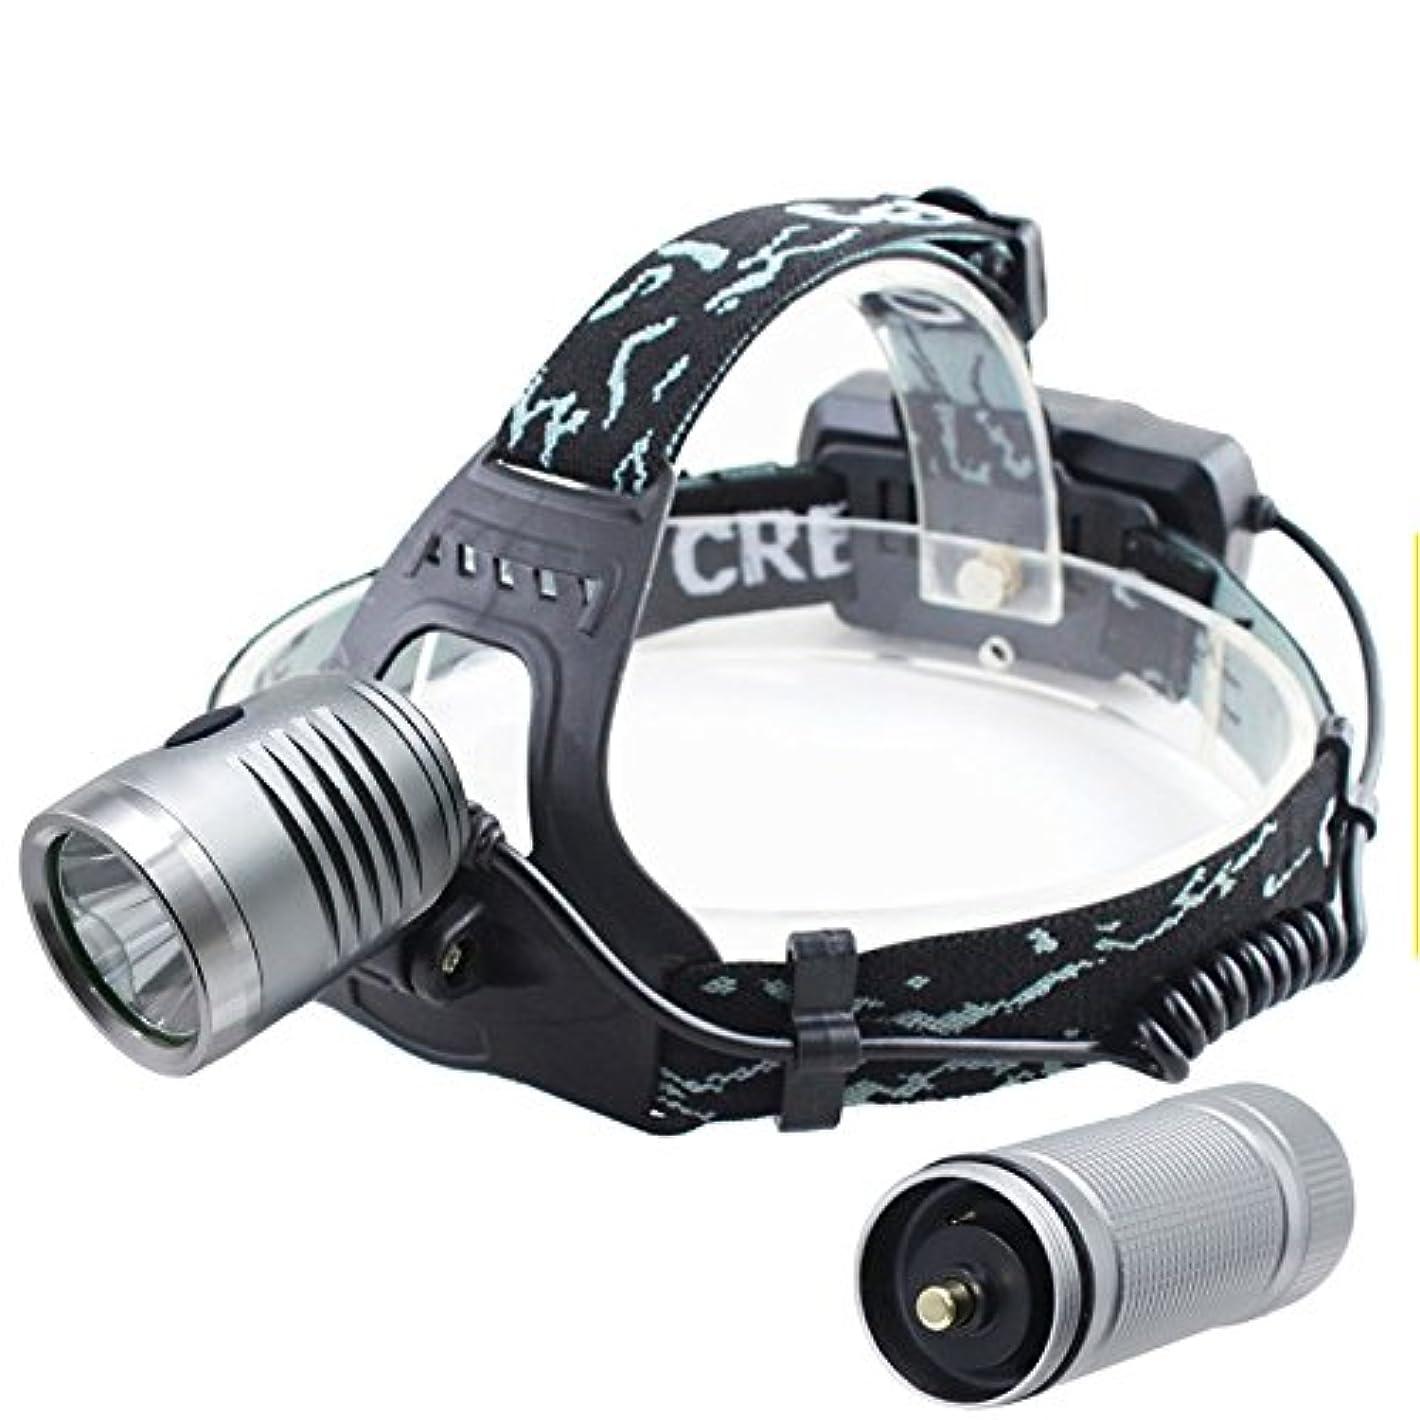 運動天引き金スーパーブライト LEDヘッドランプ照明3モード防水ヘッドランプキャンプ狩猟ヘッドライトトーチで18650バッテリー用ヘッドランプ屋外ハイキング